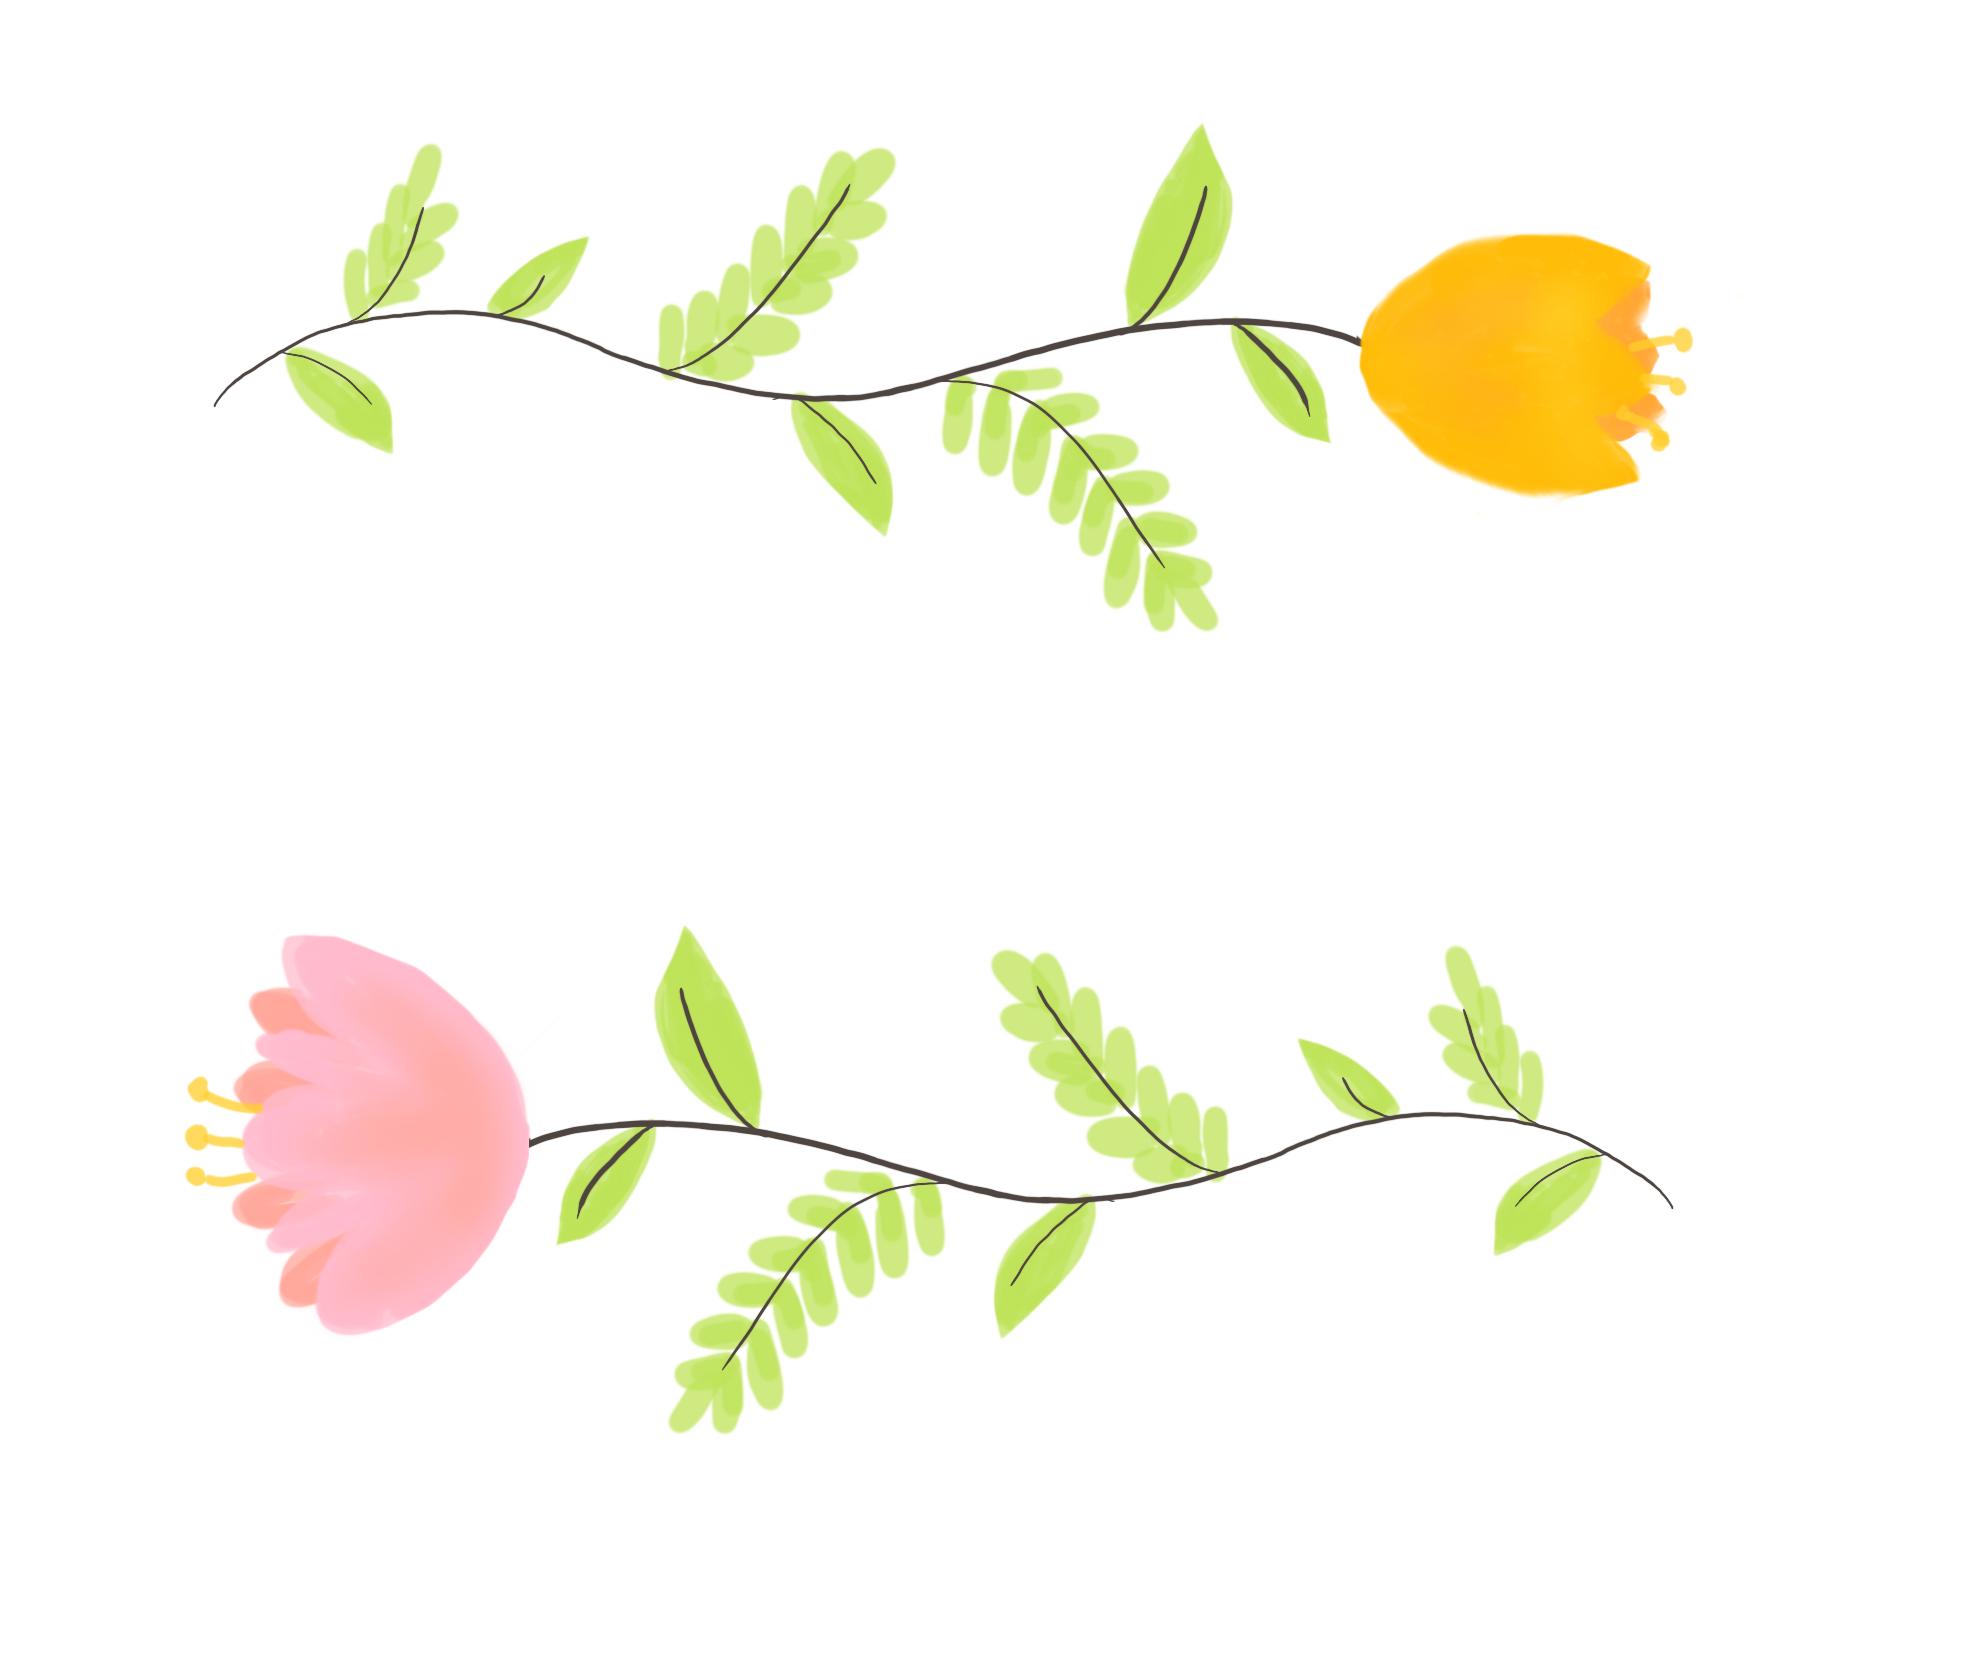 Floral illustration for client